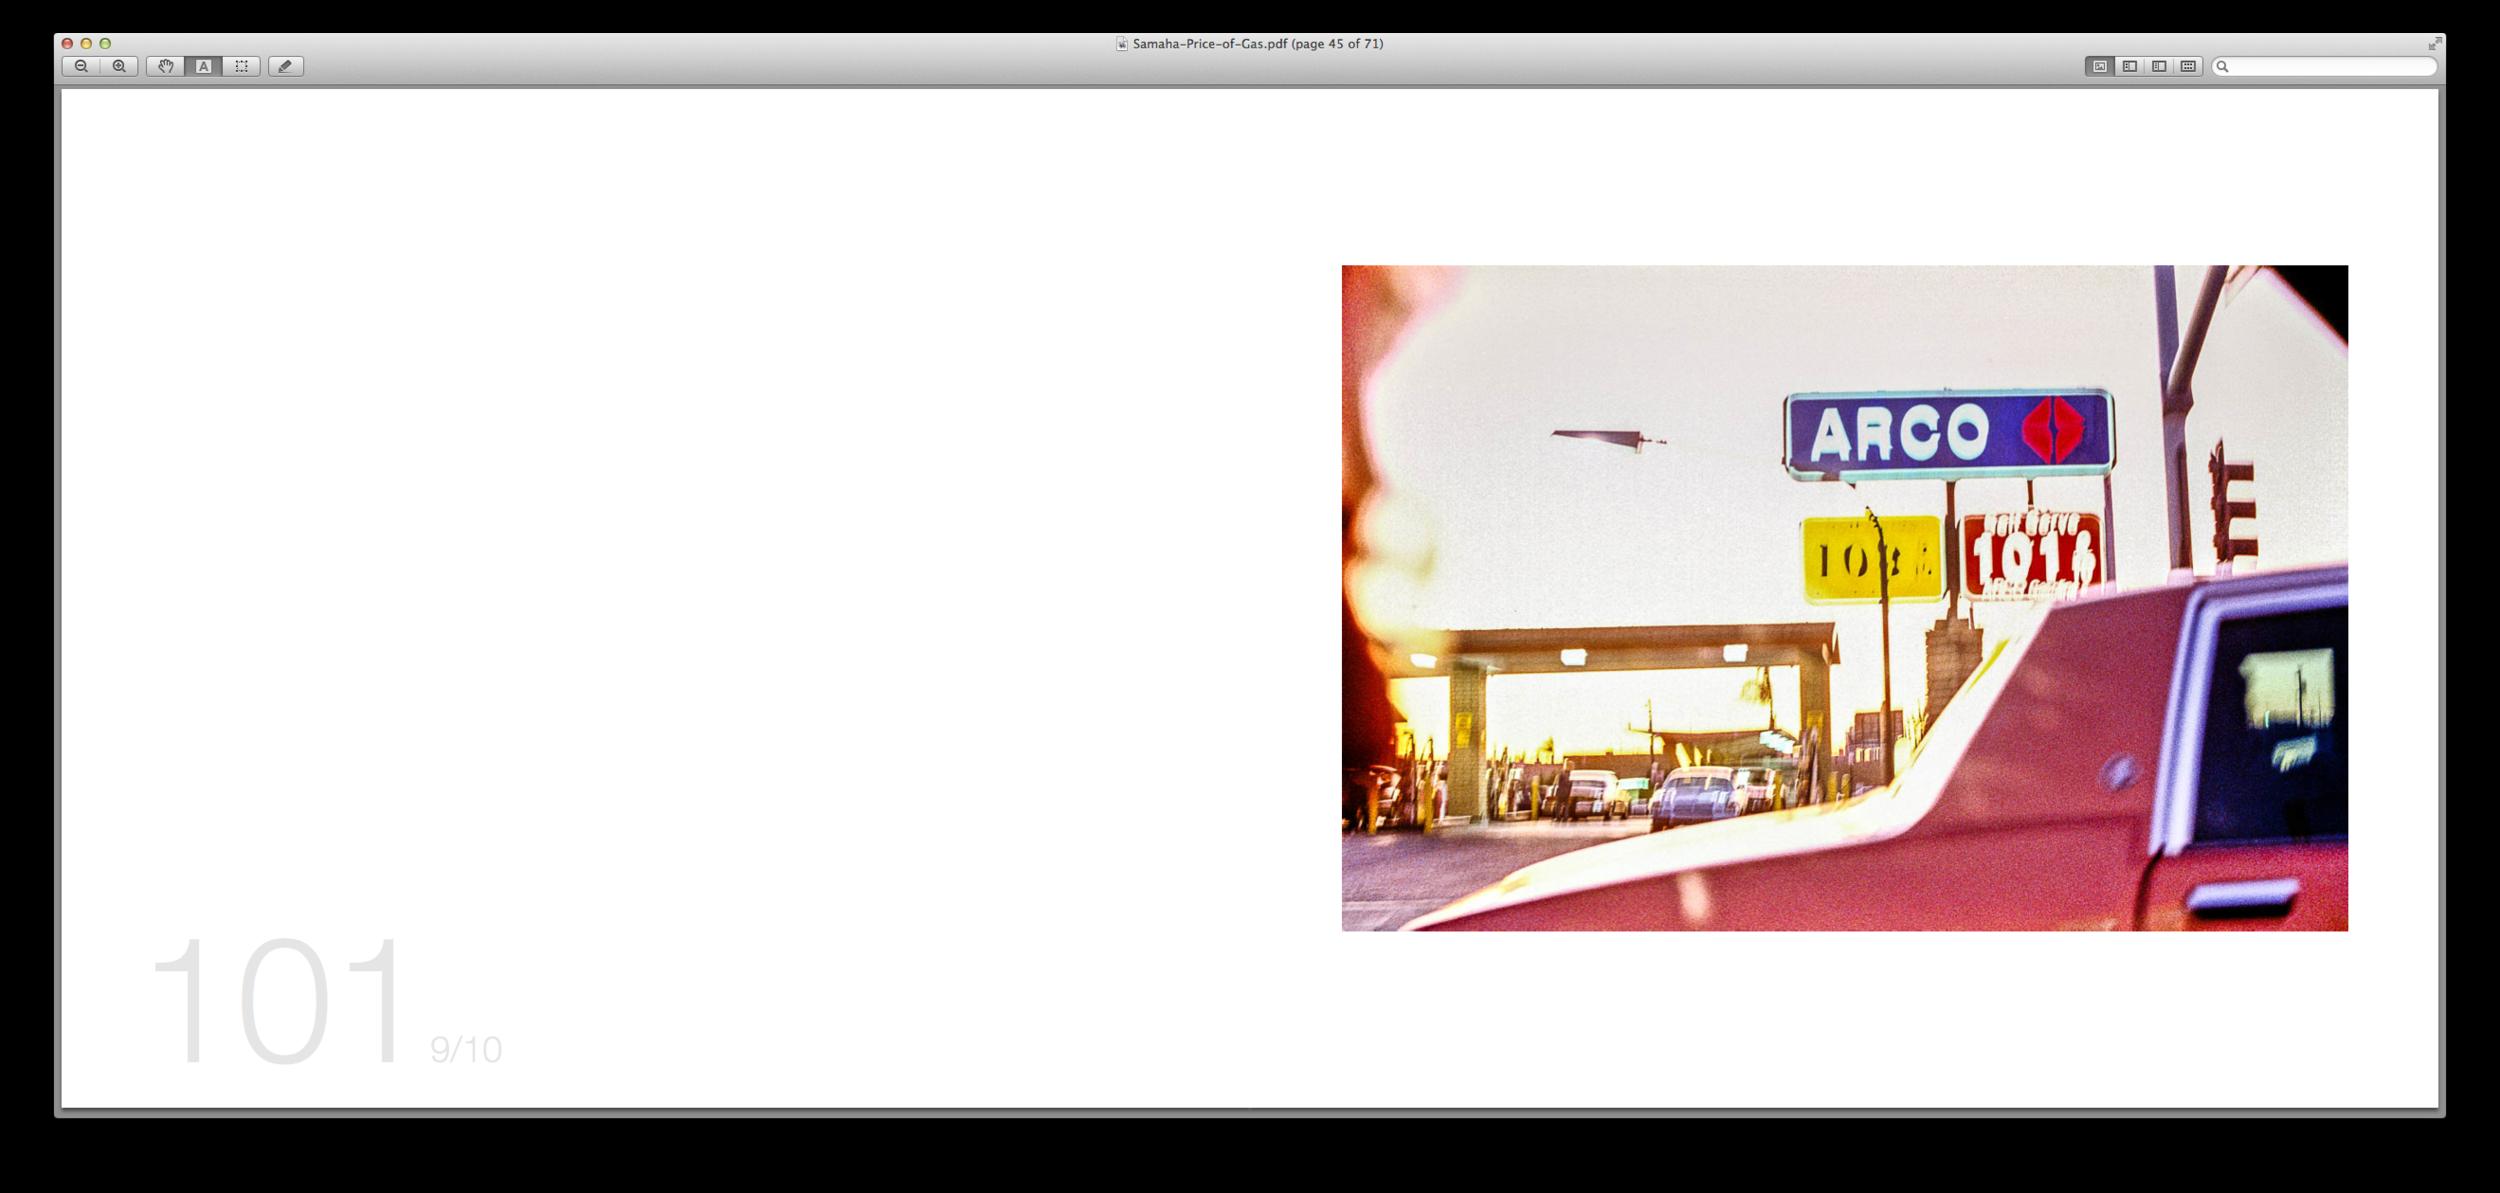 Screen Shot 2013-11-20 at 11.13.52 PM.png